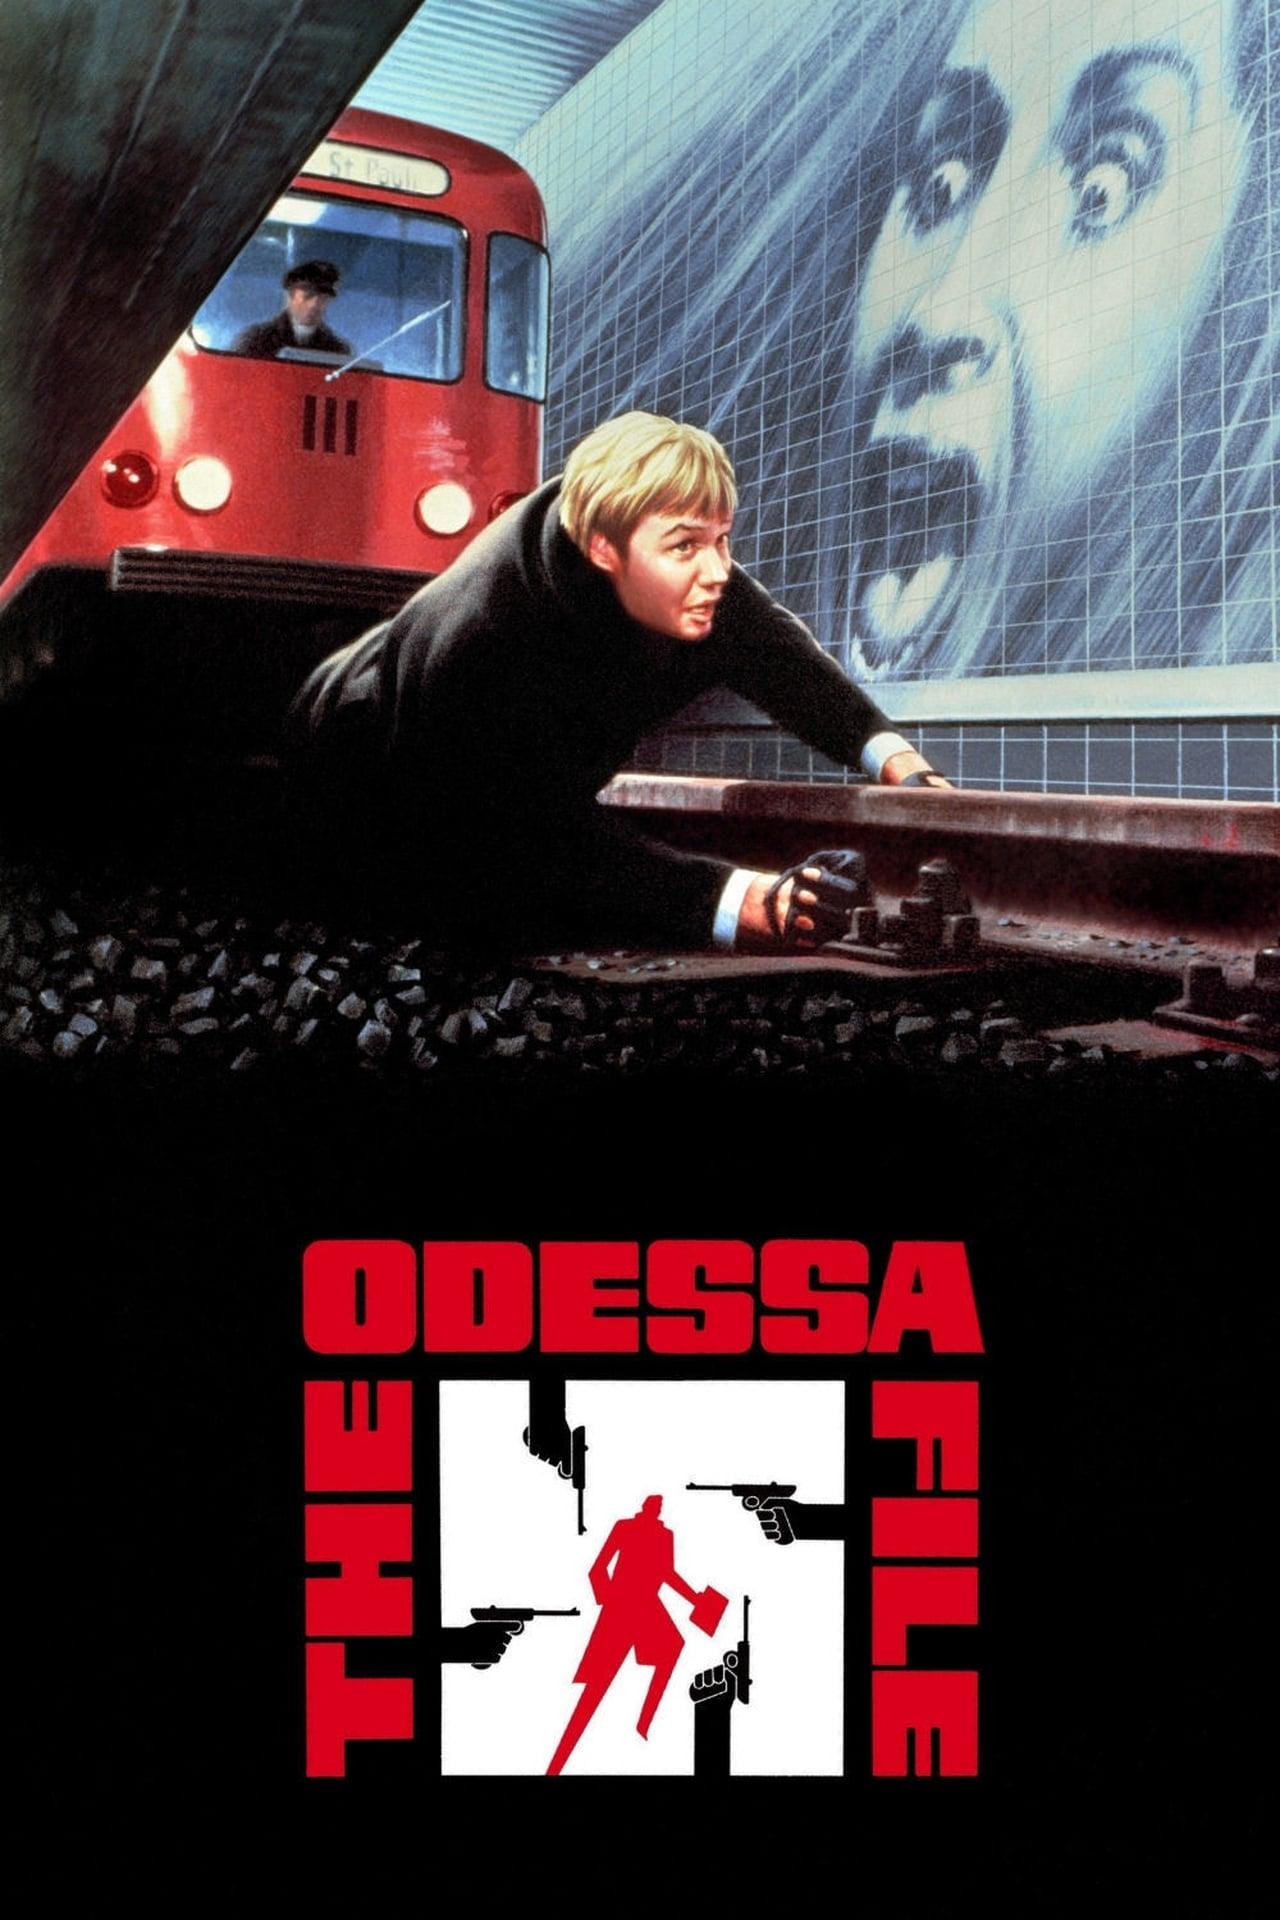 O Dossiê de Odessa